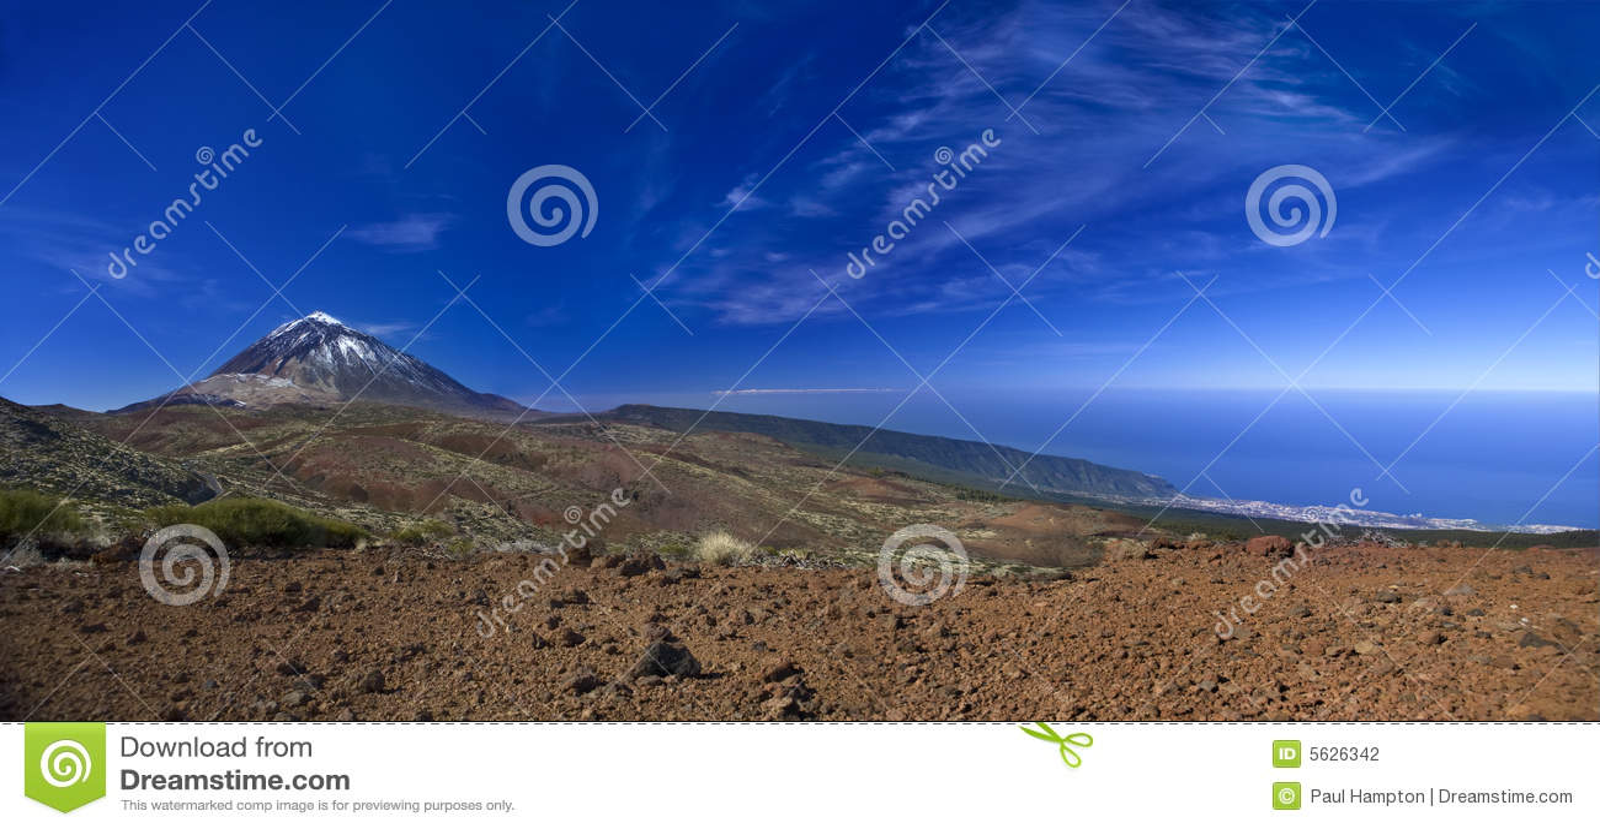 Teide blue mountain